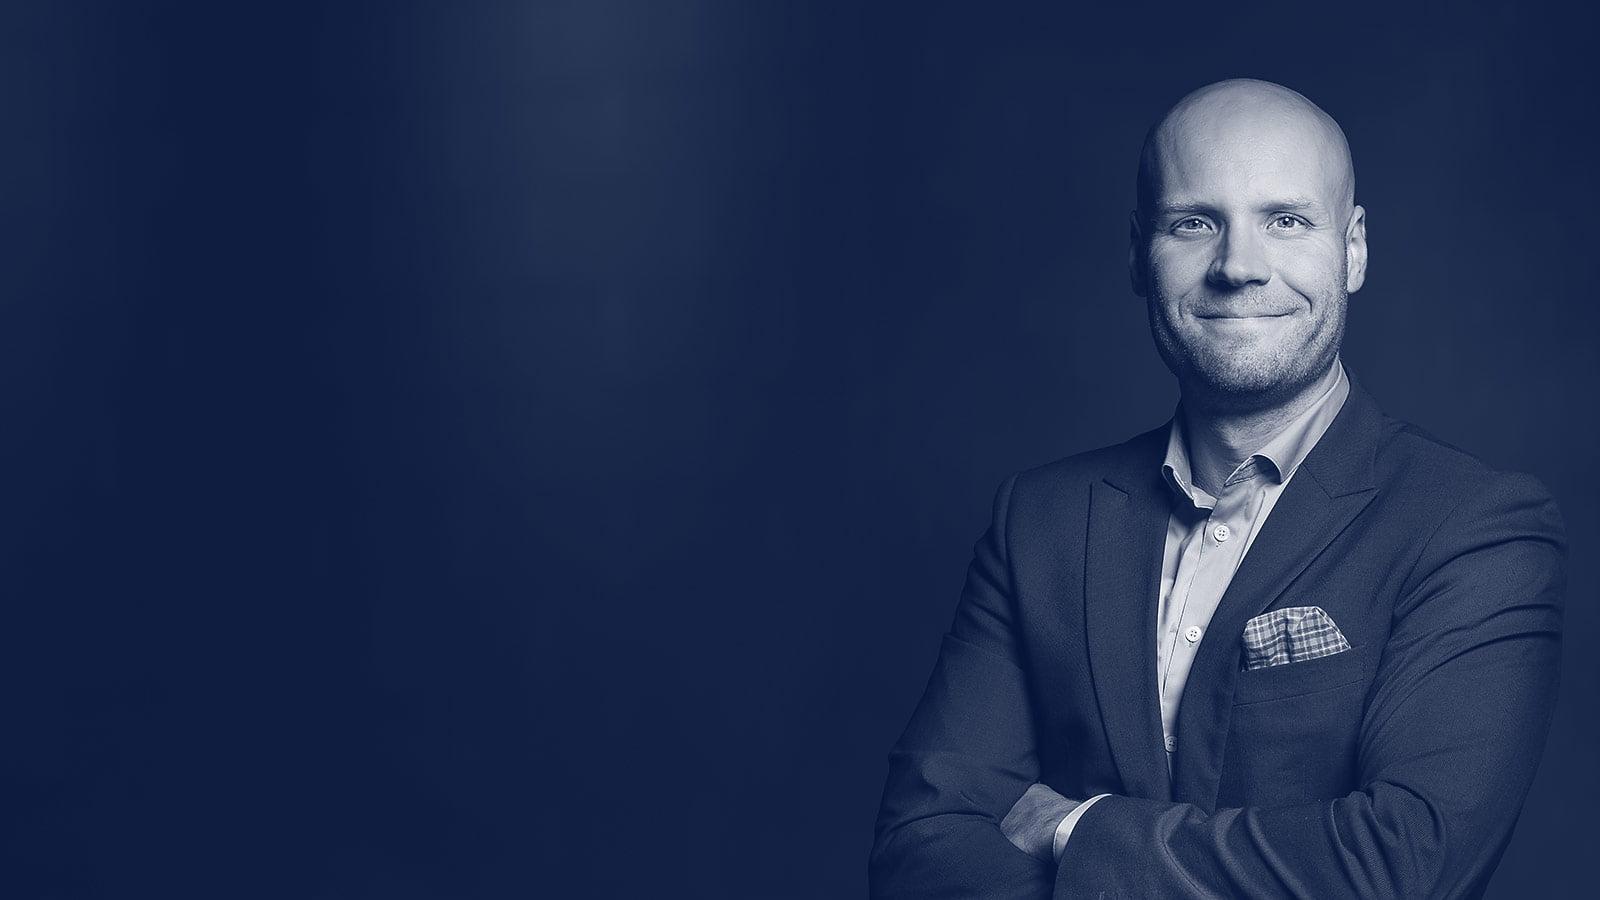 Mikko Mäntynen